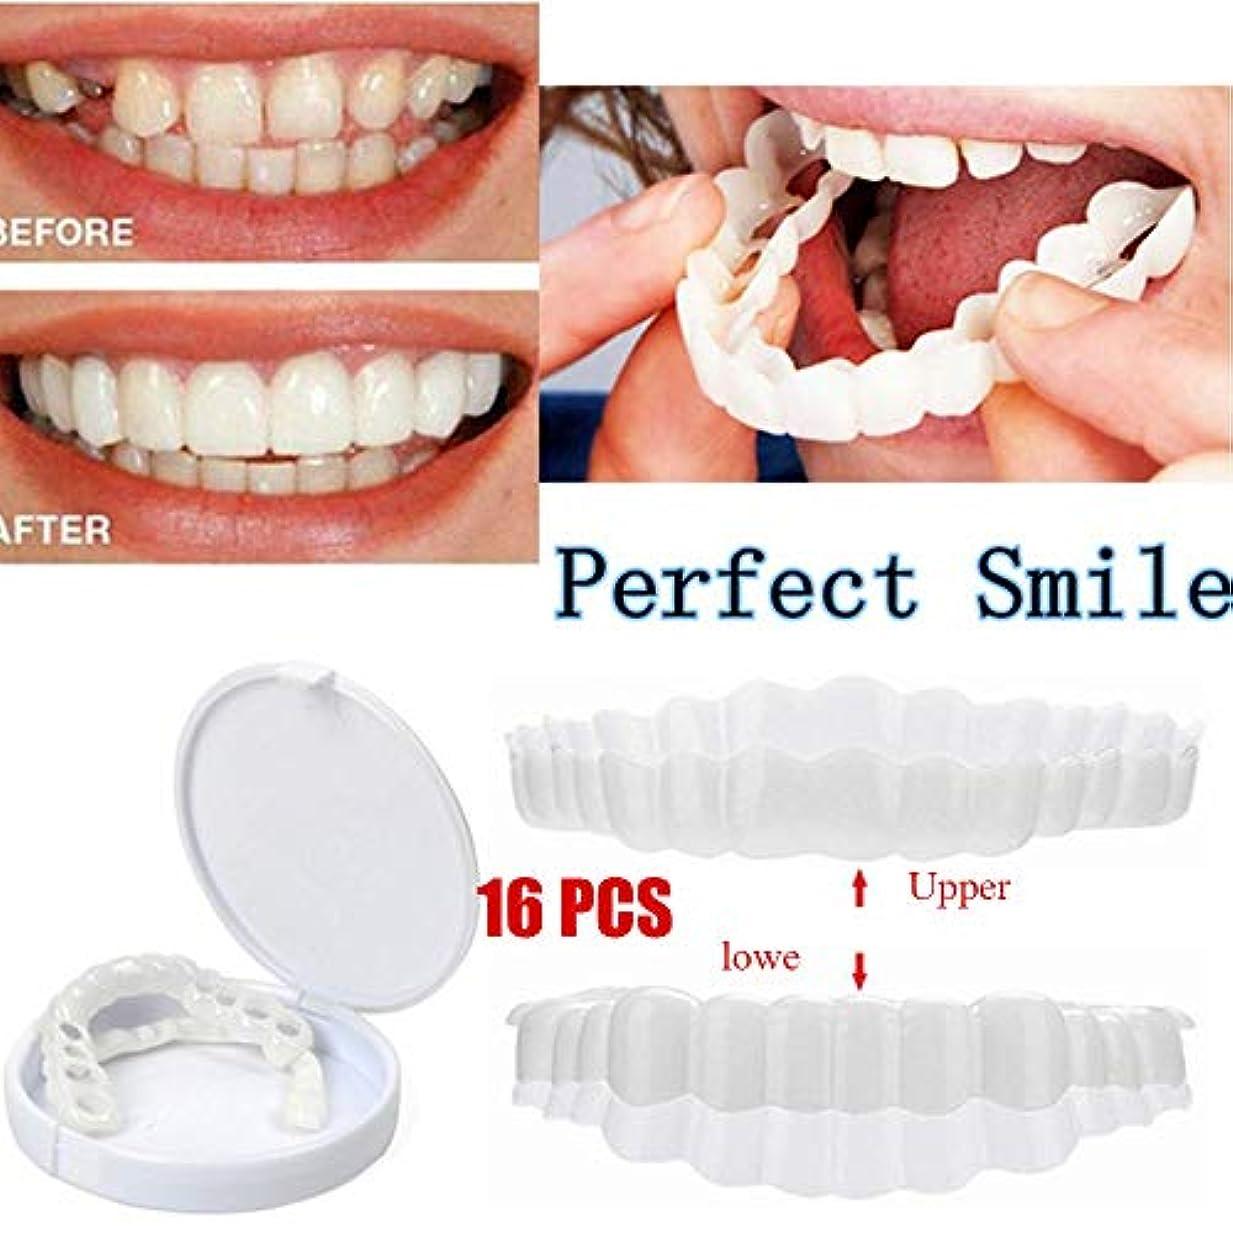 ふつう擁する奨学金義歯のスマイルホワイトニングと弾性ケアに最適な、大人用の新しい上下の義歯16個の再使用可能なPCS(上部+下部)